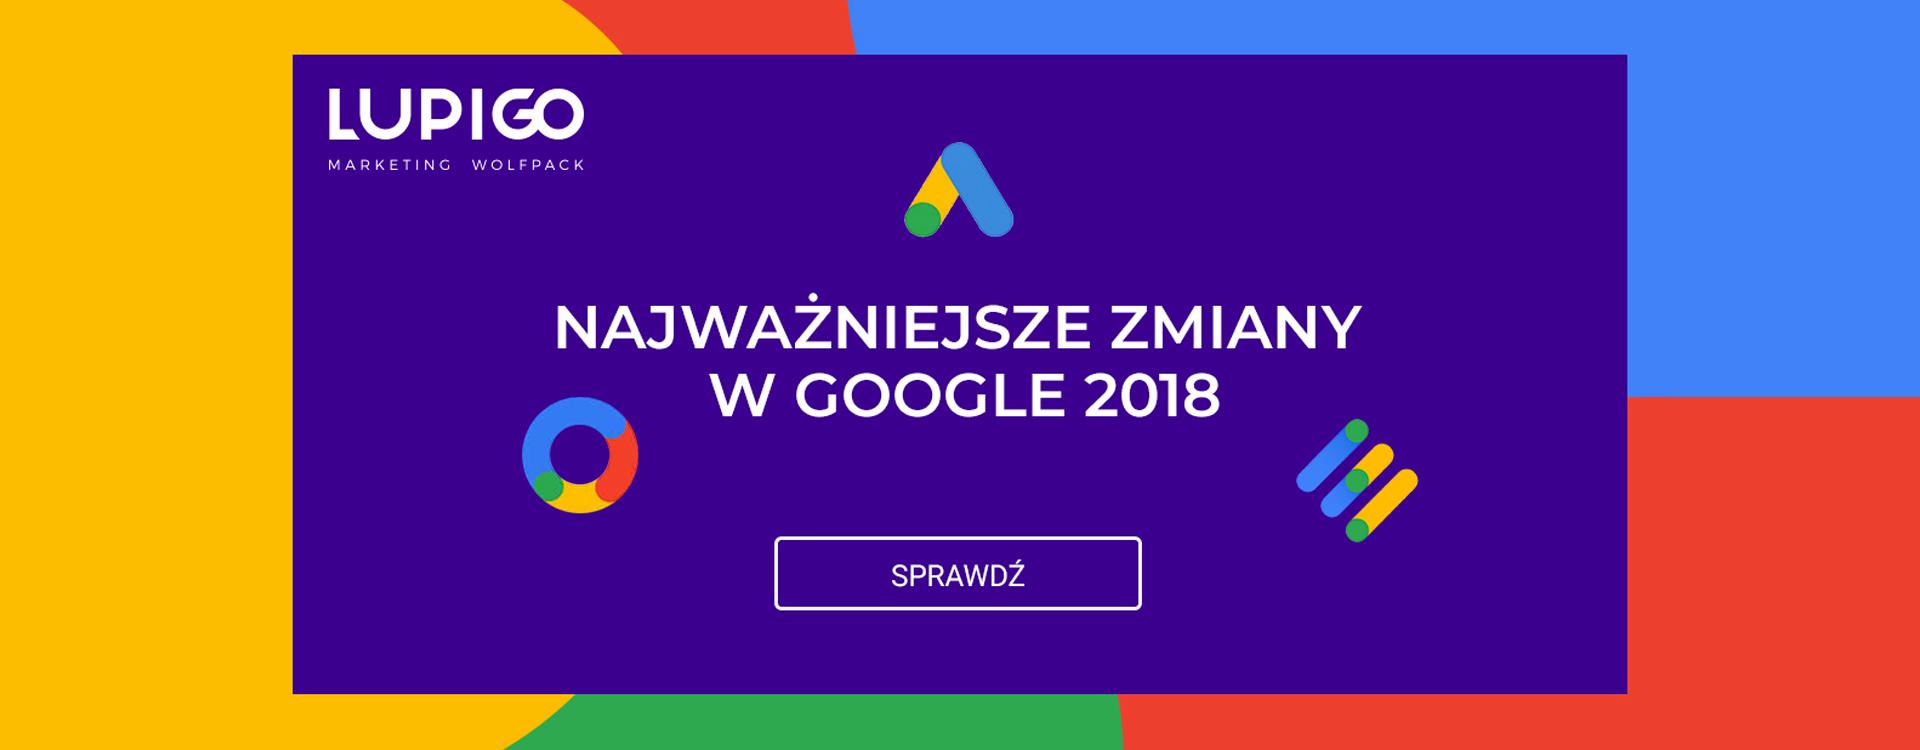 Najwazniejsze zmiany w Google 2018 LUPIGO